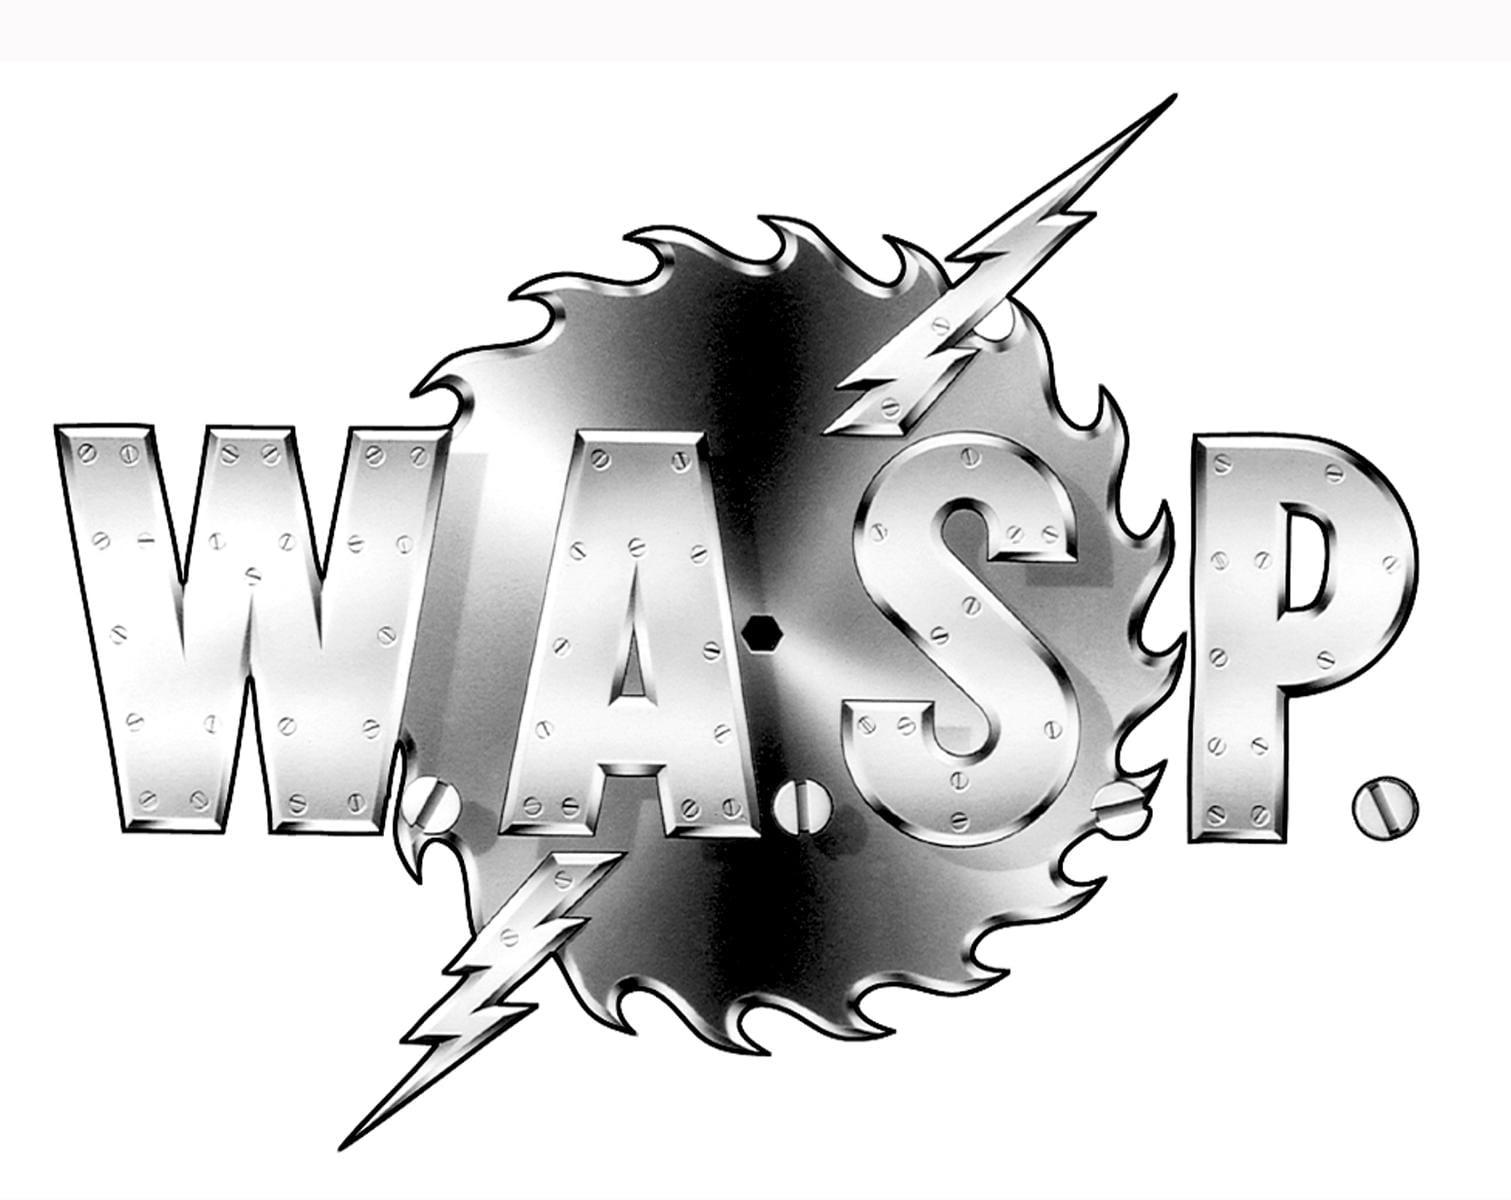 Logo: W.A.S.P.